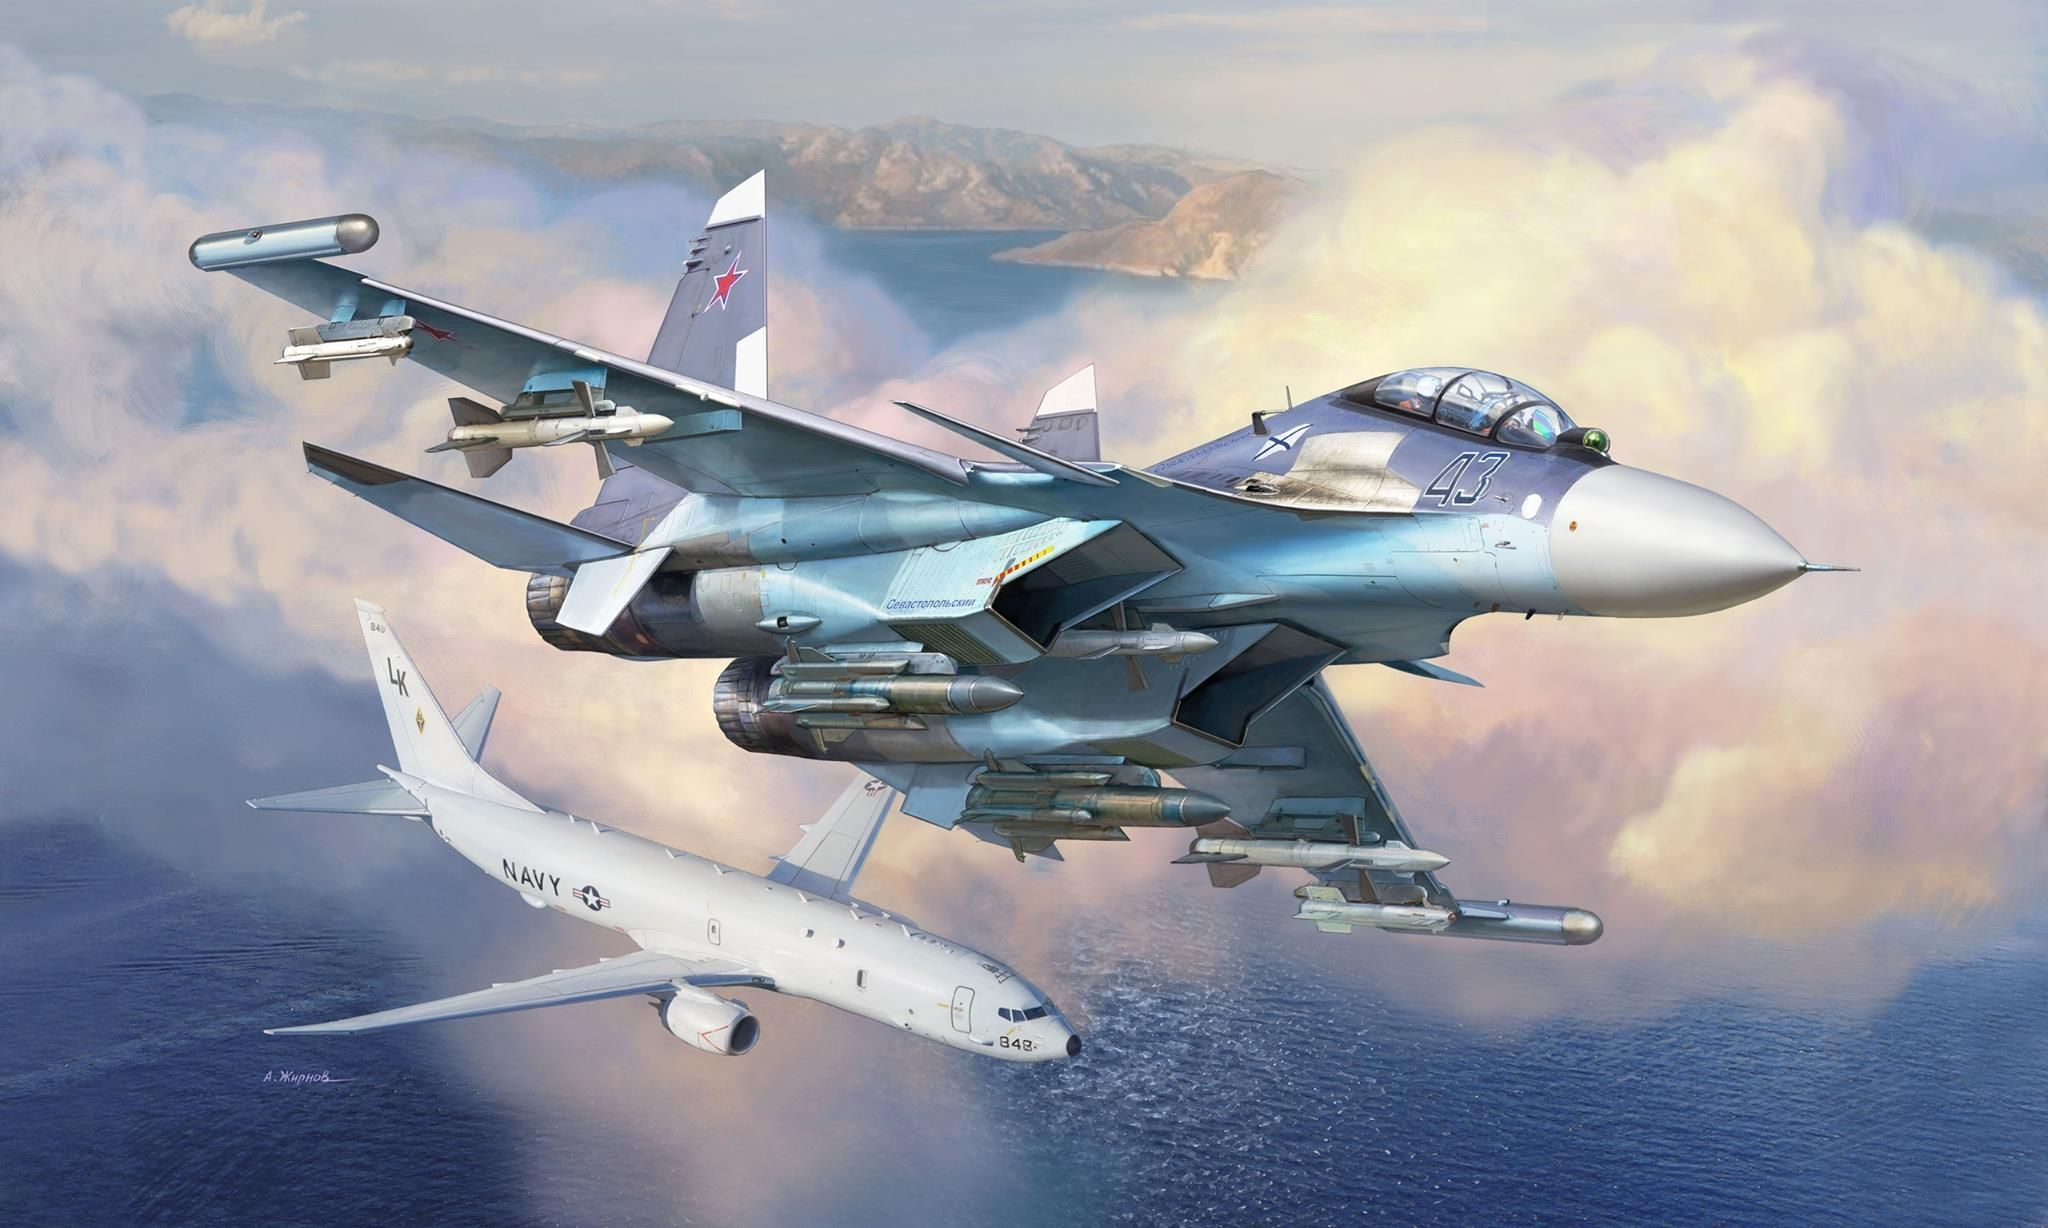 авиация армия и флот в картинках или